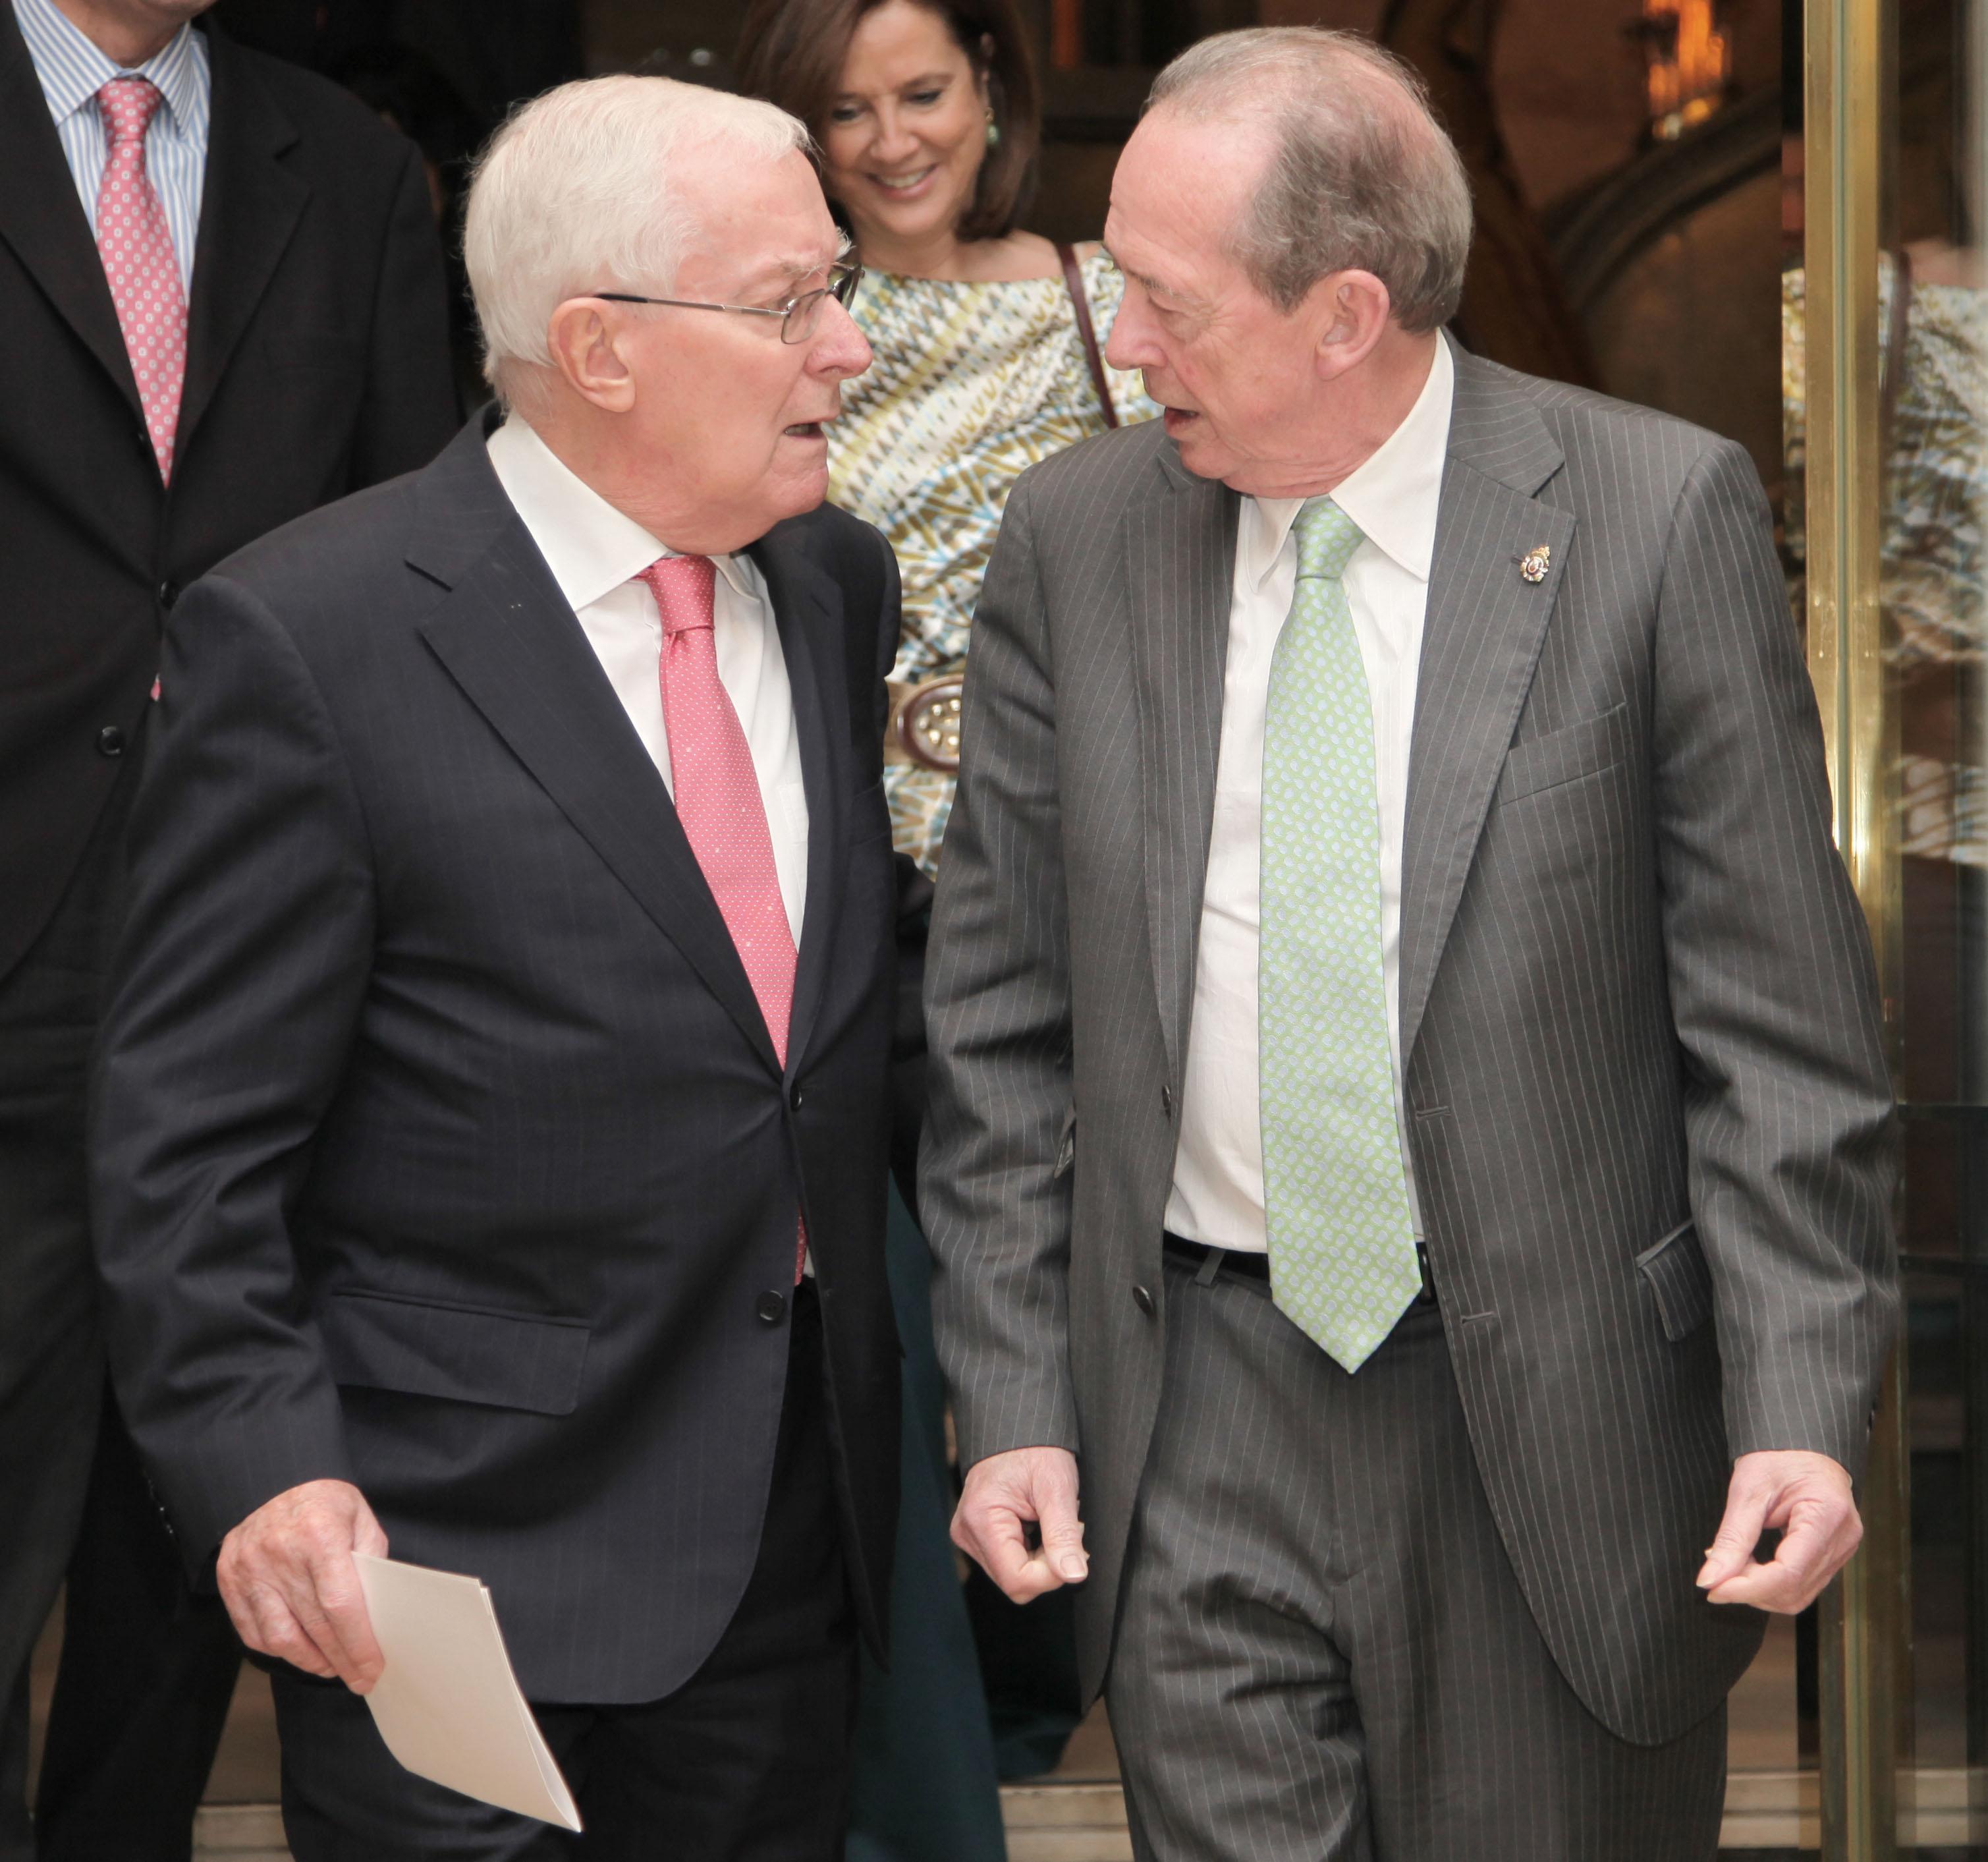 Victor García de la Concha con Jose Manuel Blecua, actual director de la Real Academia Española - Fotografías: instituto Cervantes